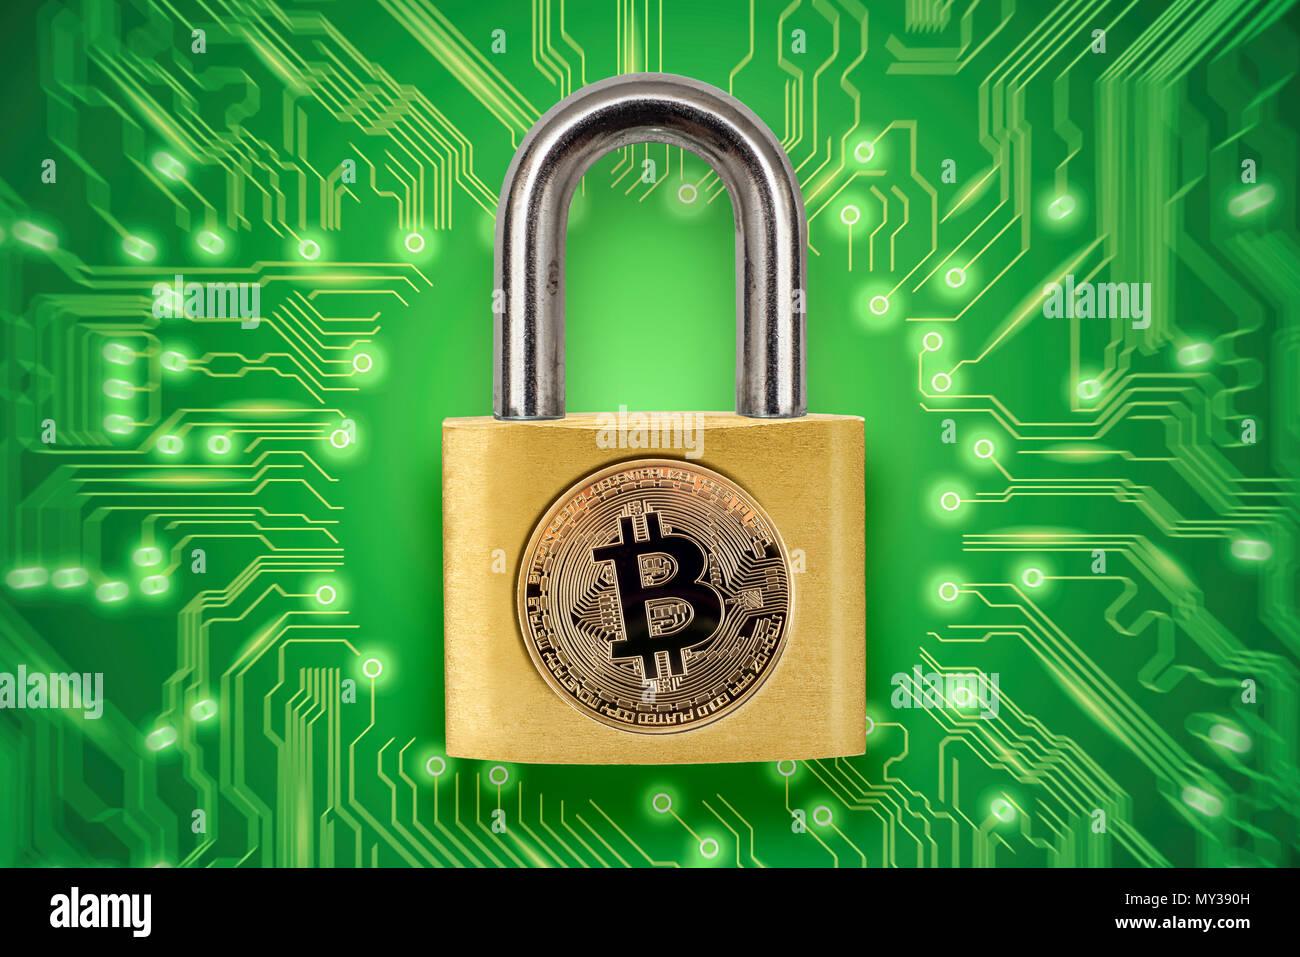 Gebrochene Vorhängeschloss mit bitcoin Logo. Konzeptionelle Bild darstellen, crypto Währung Hacking und Diebstahl. Stockbild